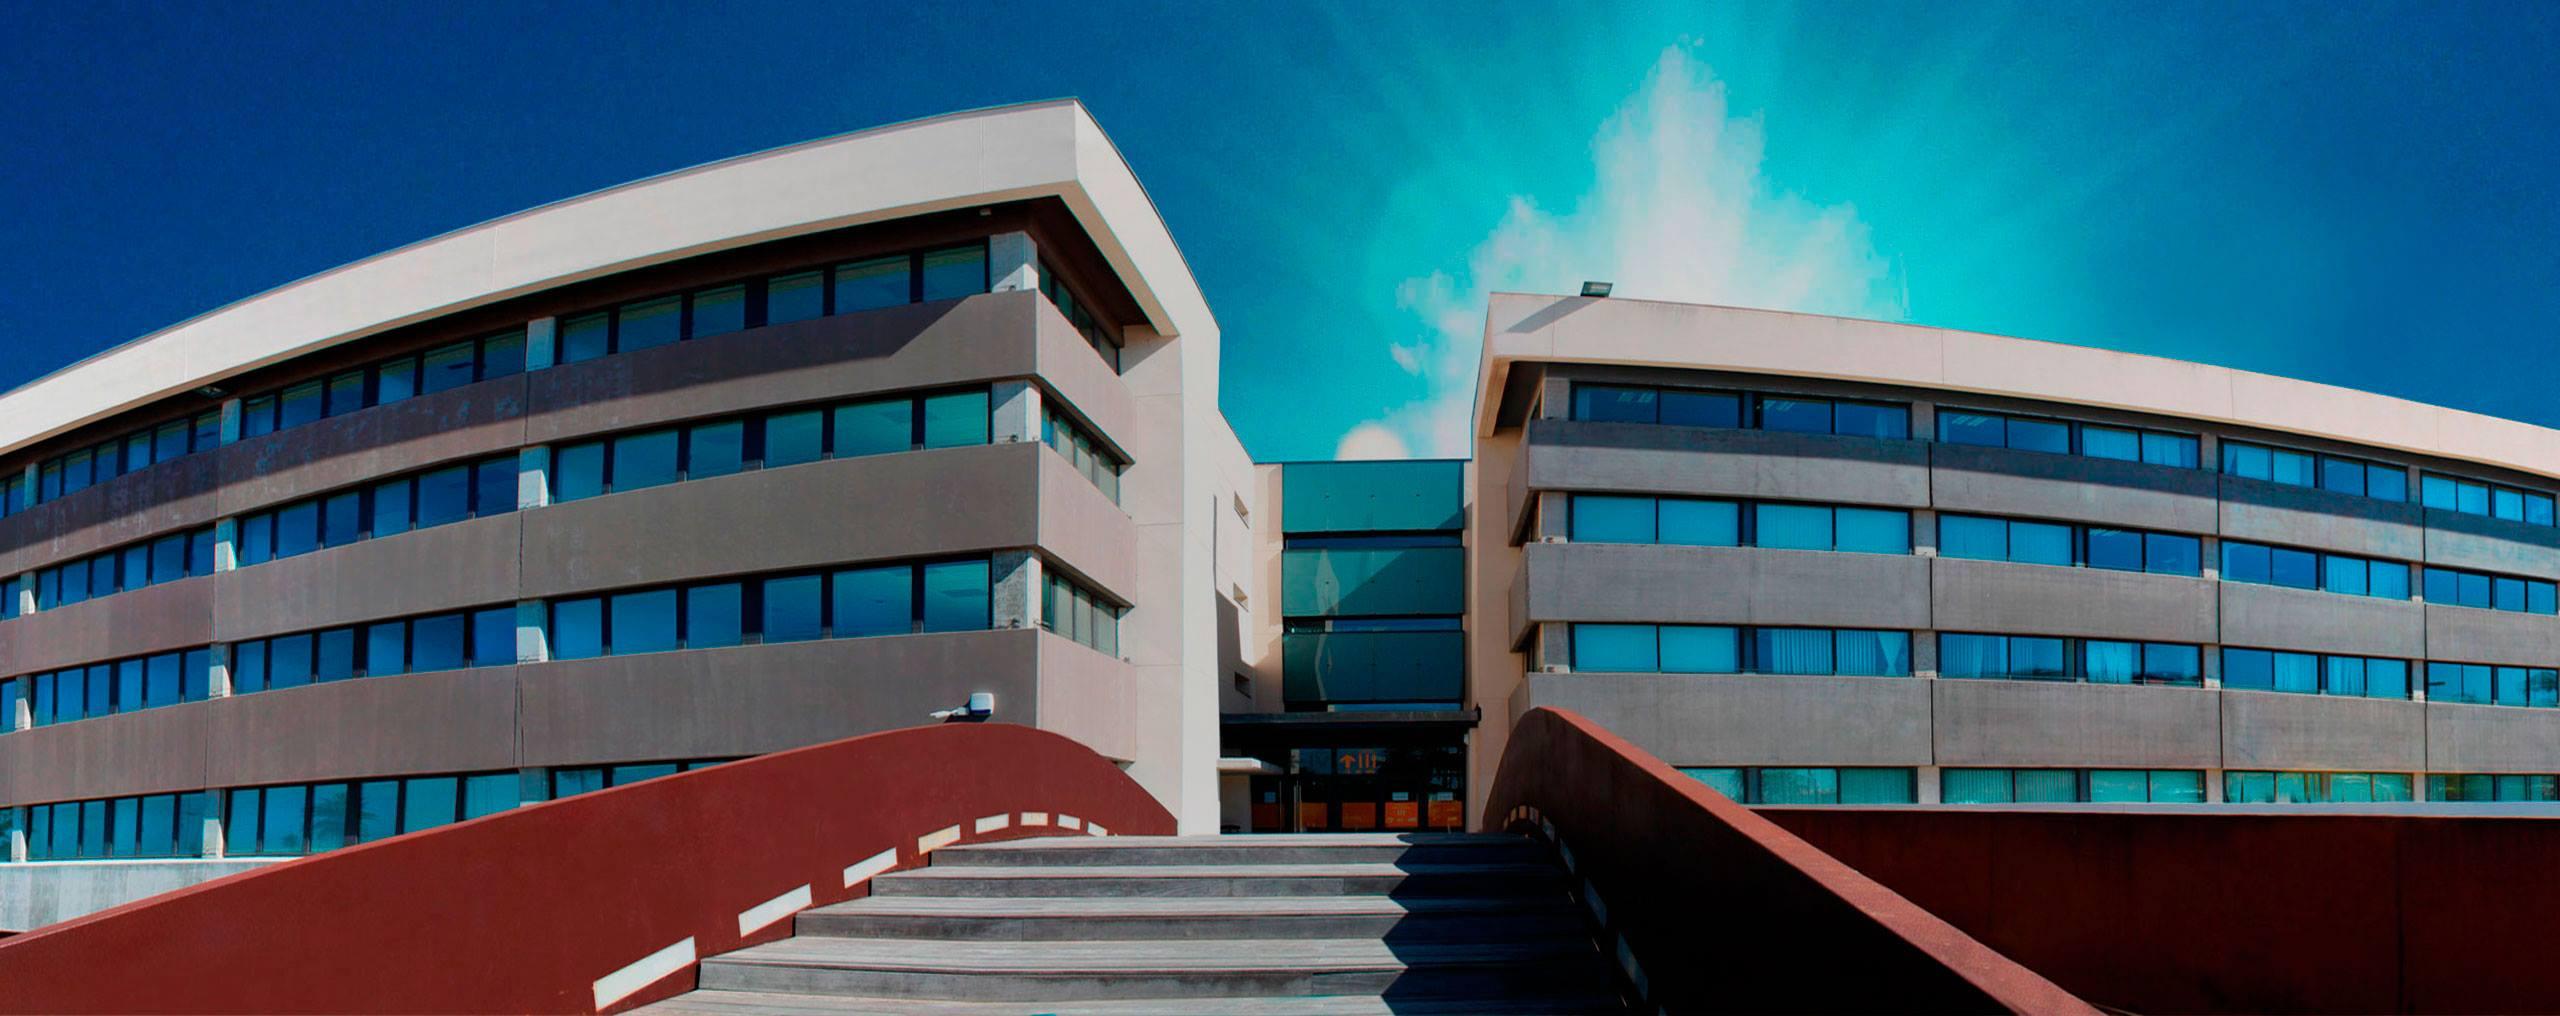 Parque Científico Tecnológico ULPGC